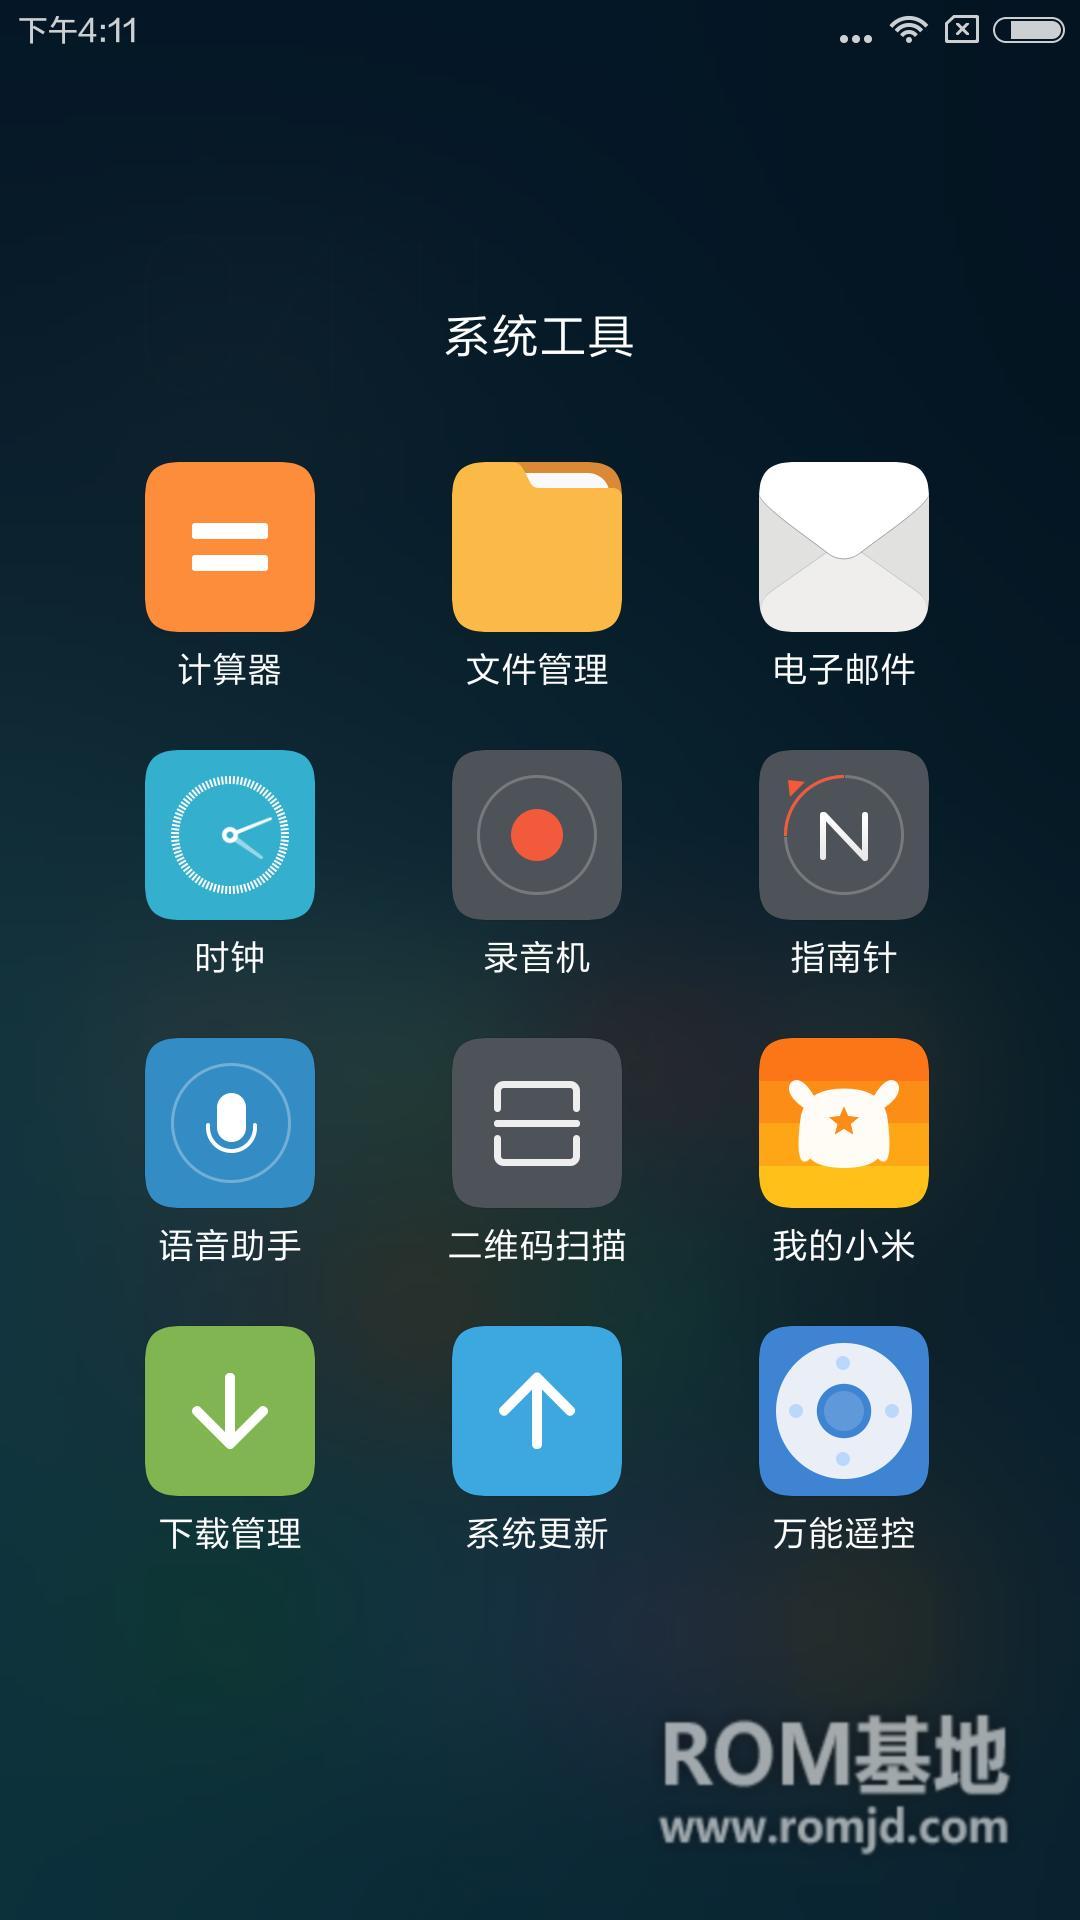 米note2miui7.5稳定版